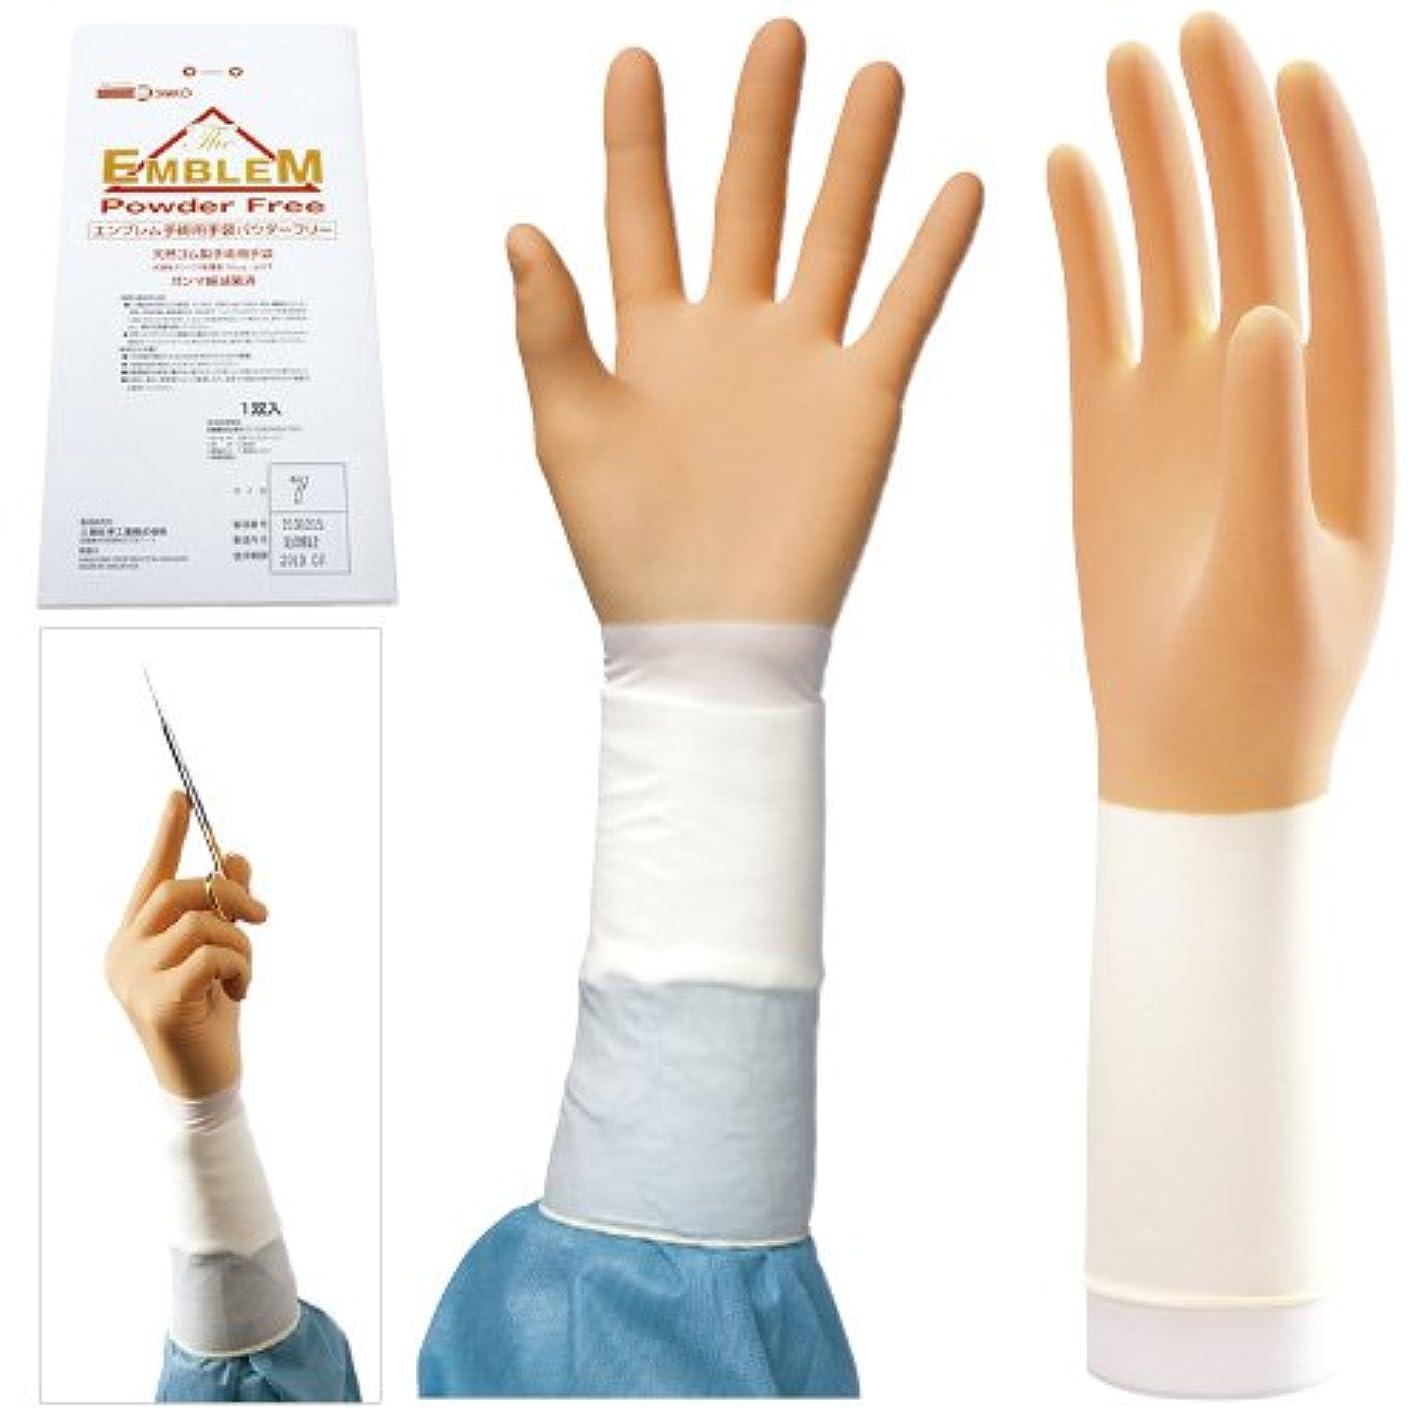 衛星悪のエイリアンエンブレム手術用手袋 パウダーフリー NEW(20双入) 6